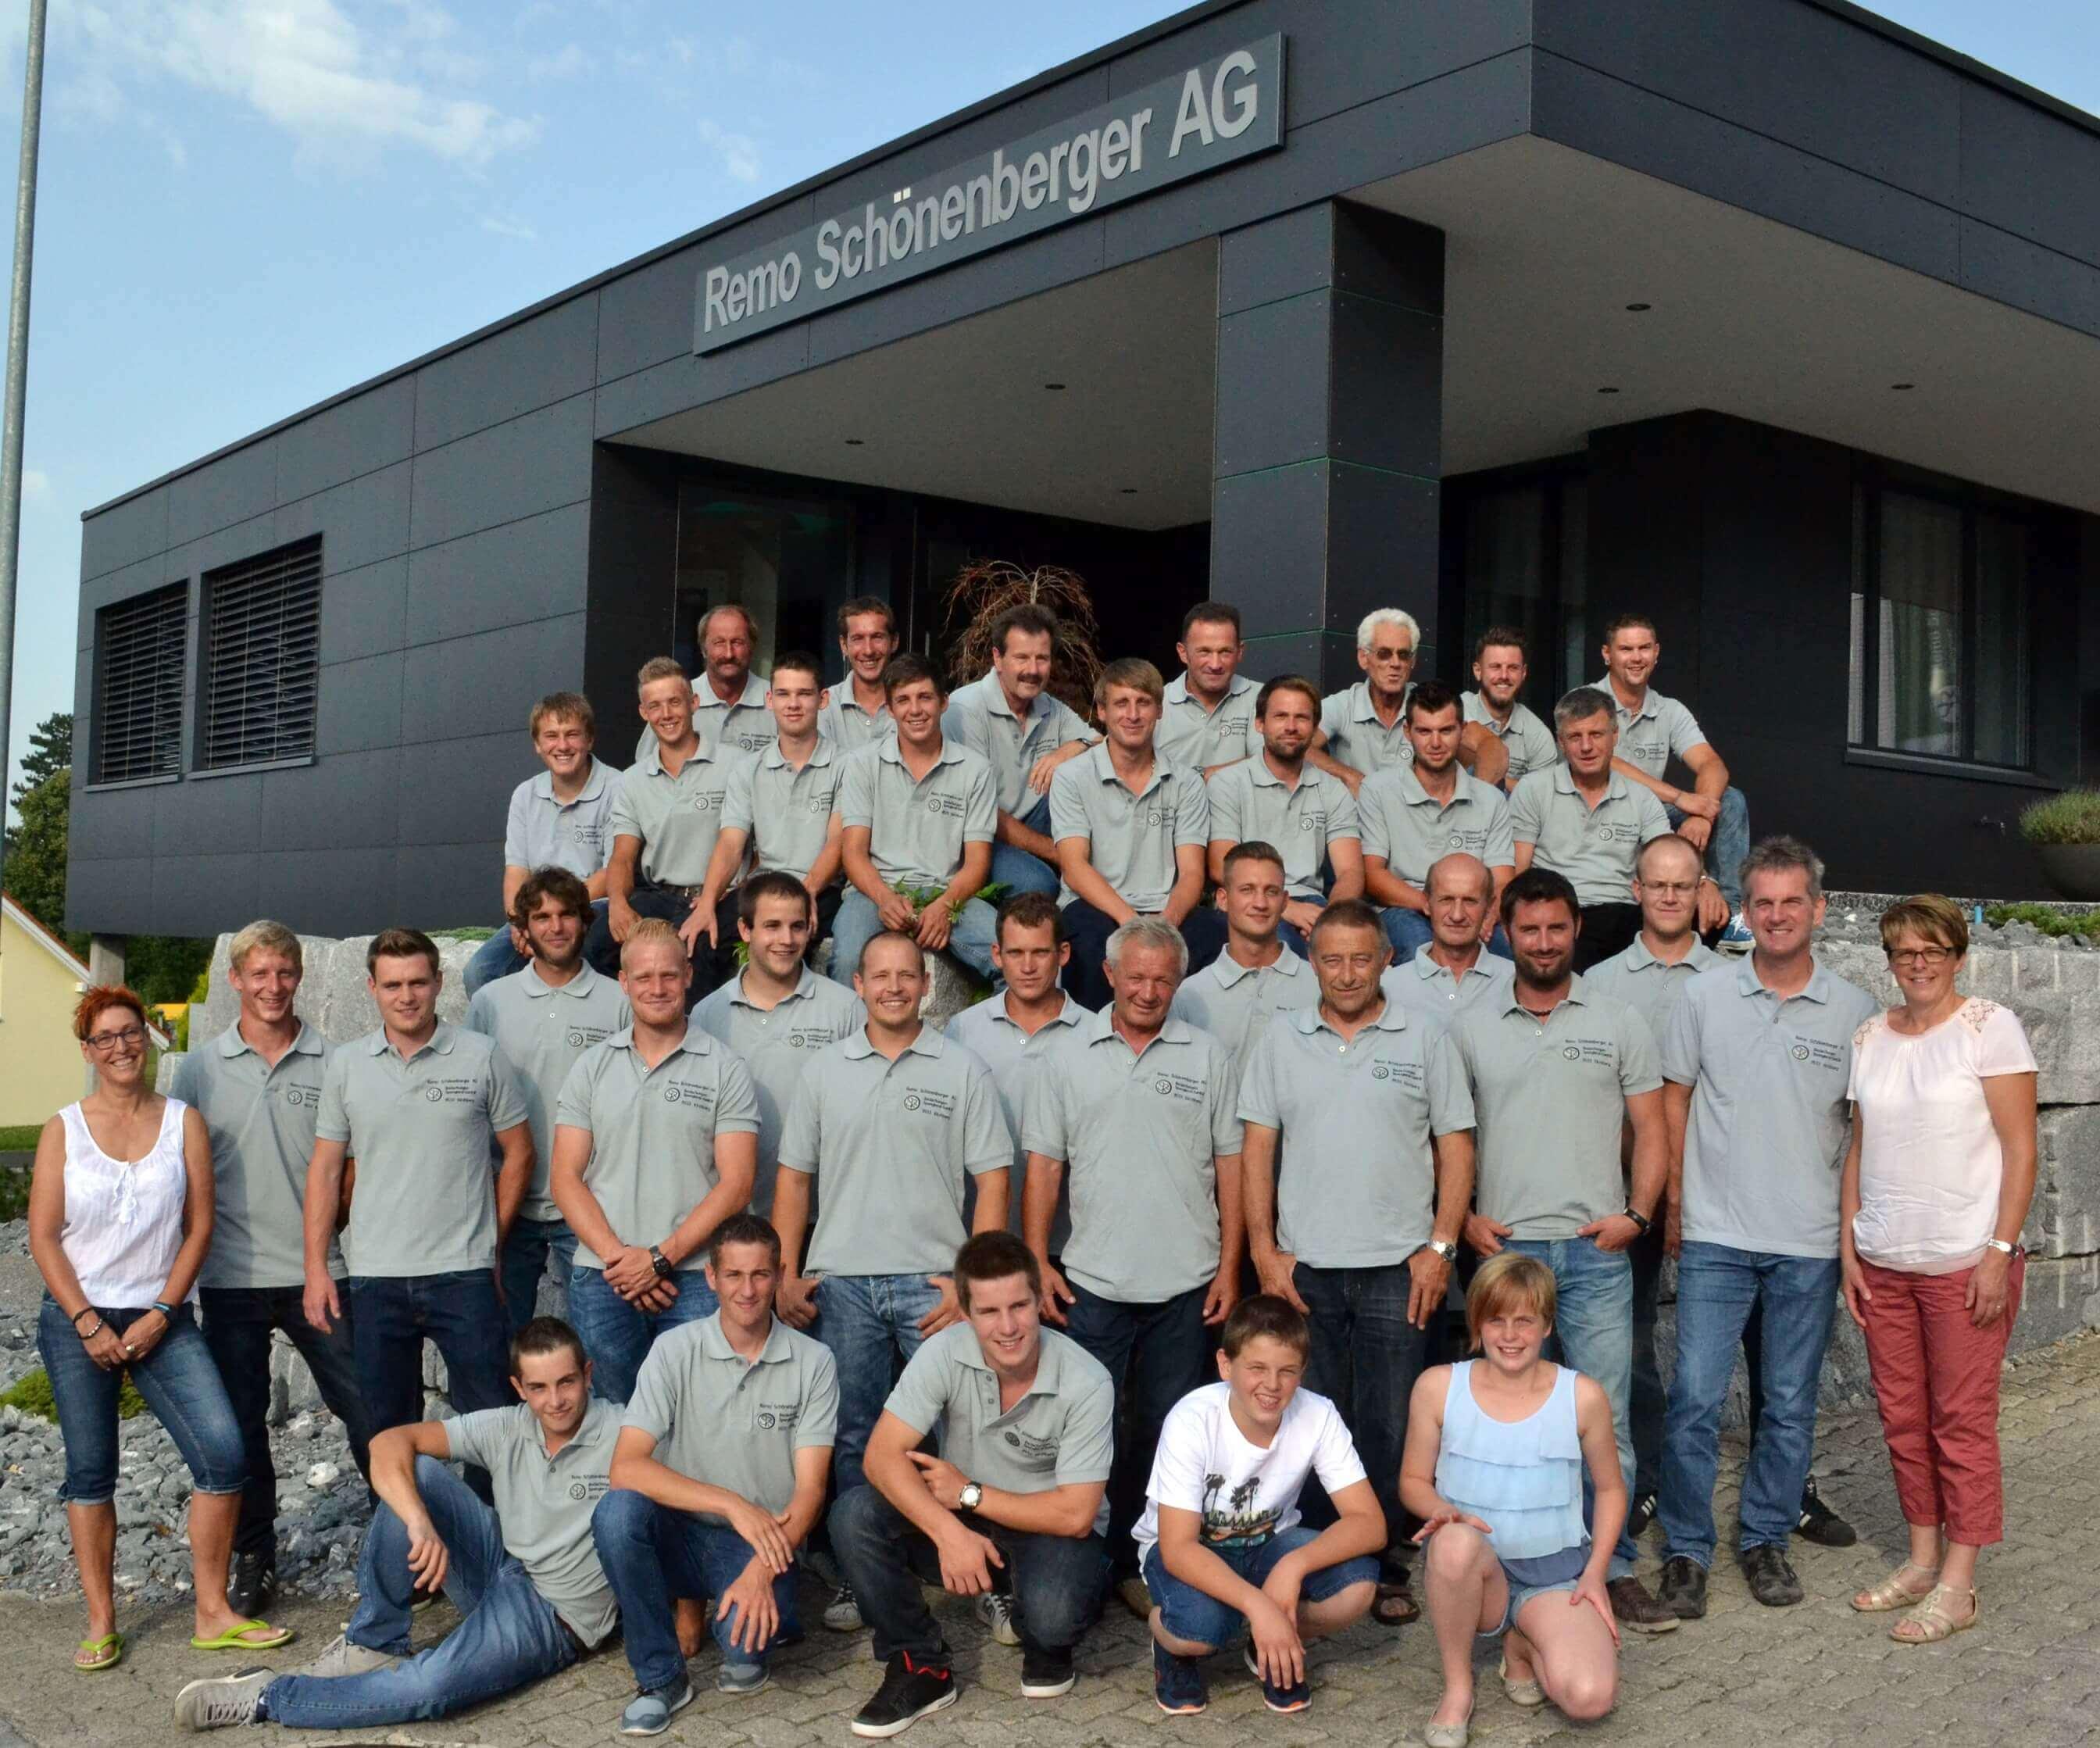 Remo_Schoenenberger_team